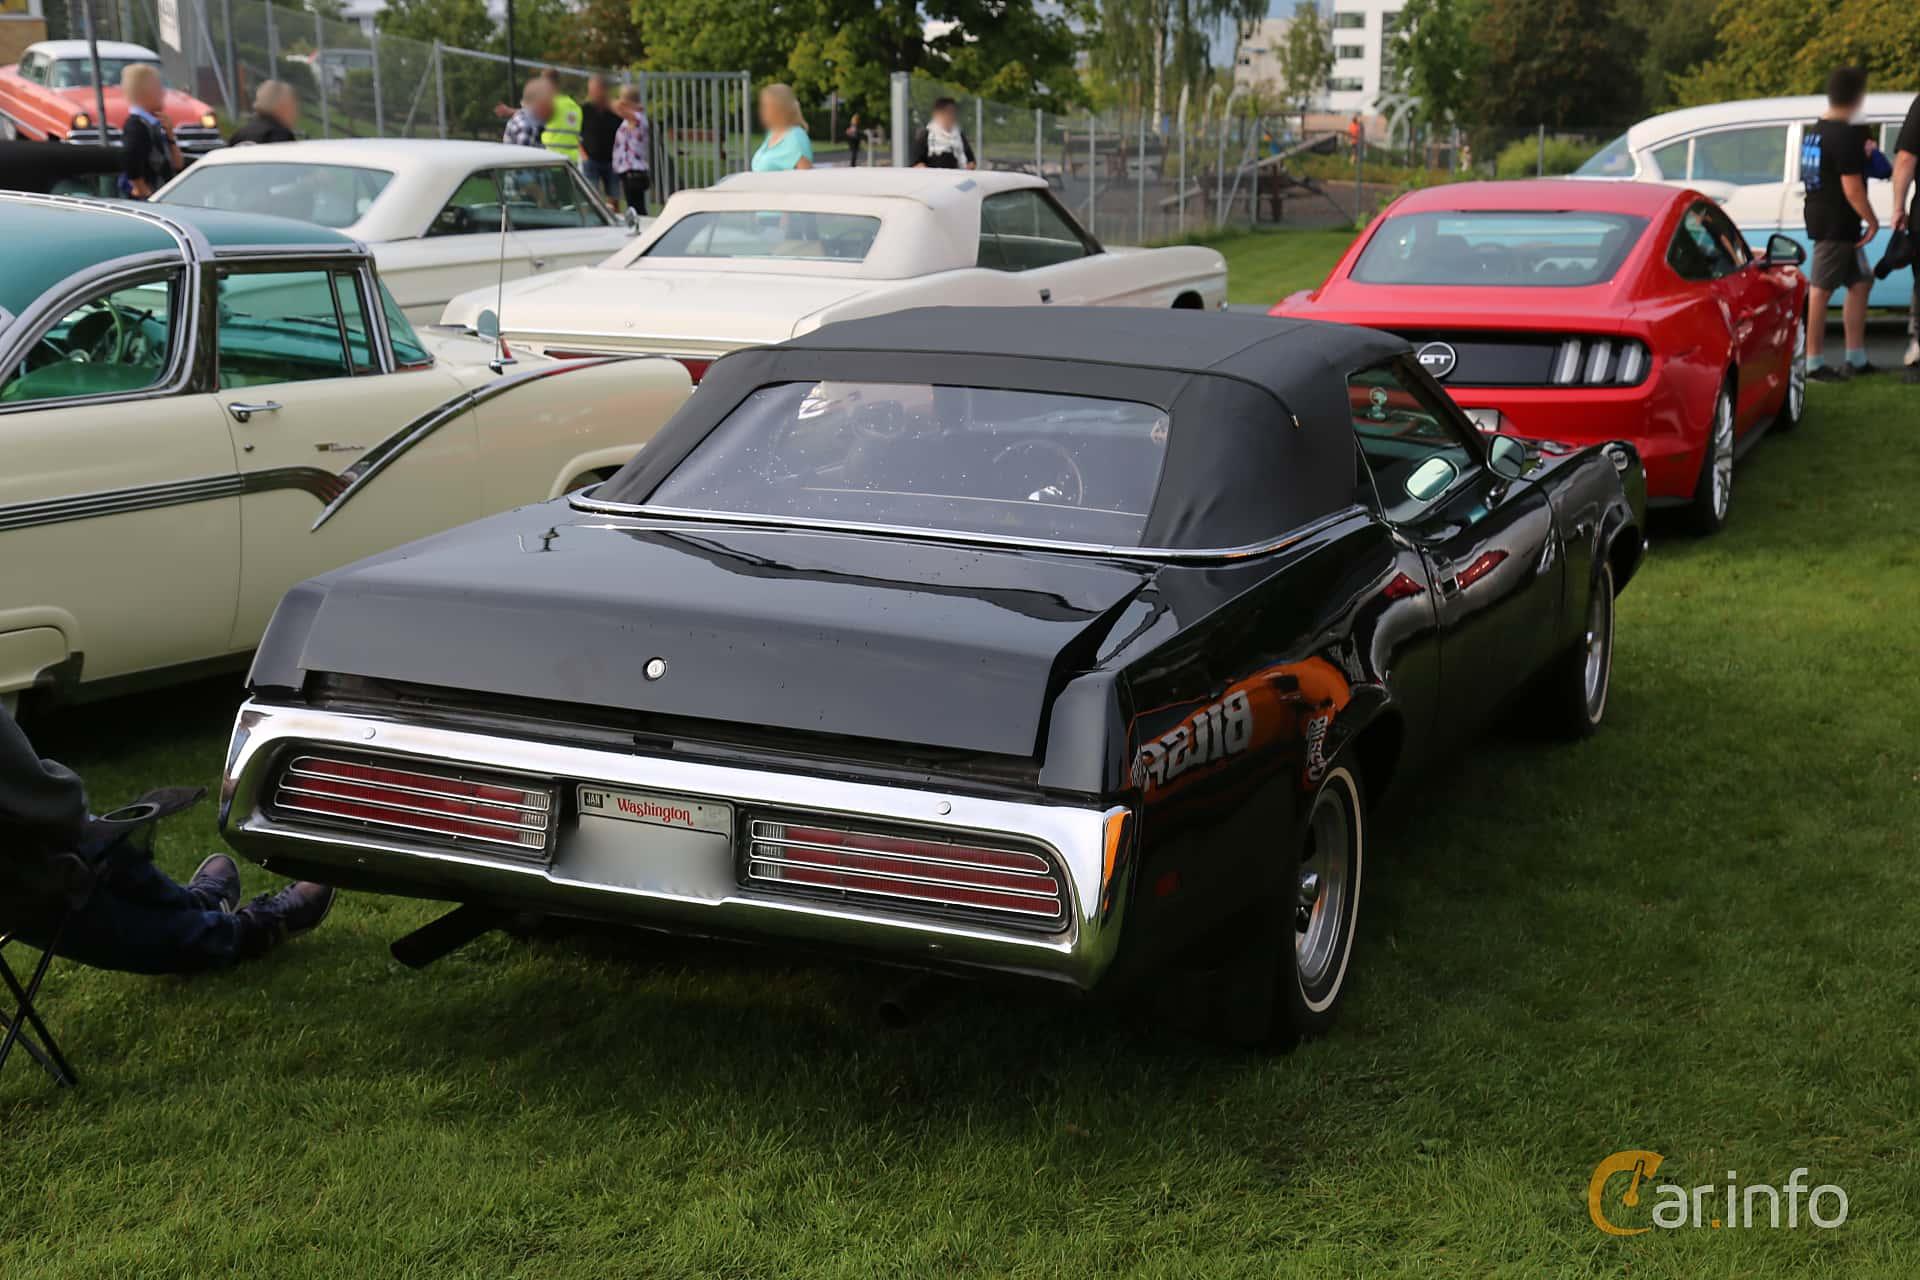 Mercury Cougar Convertible 5.8 V8 Automatic, 165hp, 1972 at Bil & MC-träffar i Huskvarna Folkets Park 2019 Amerikanska fordon